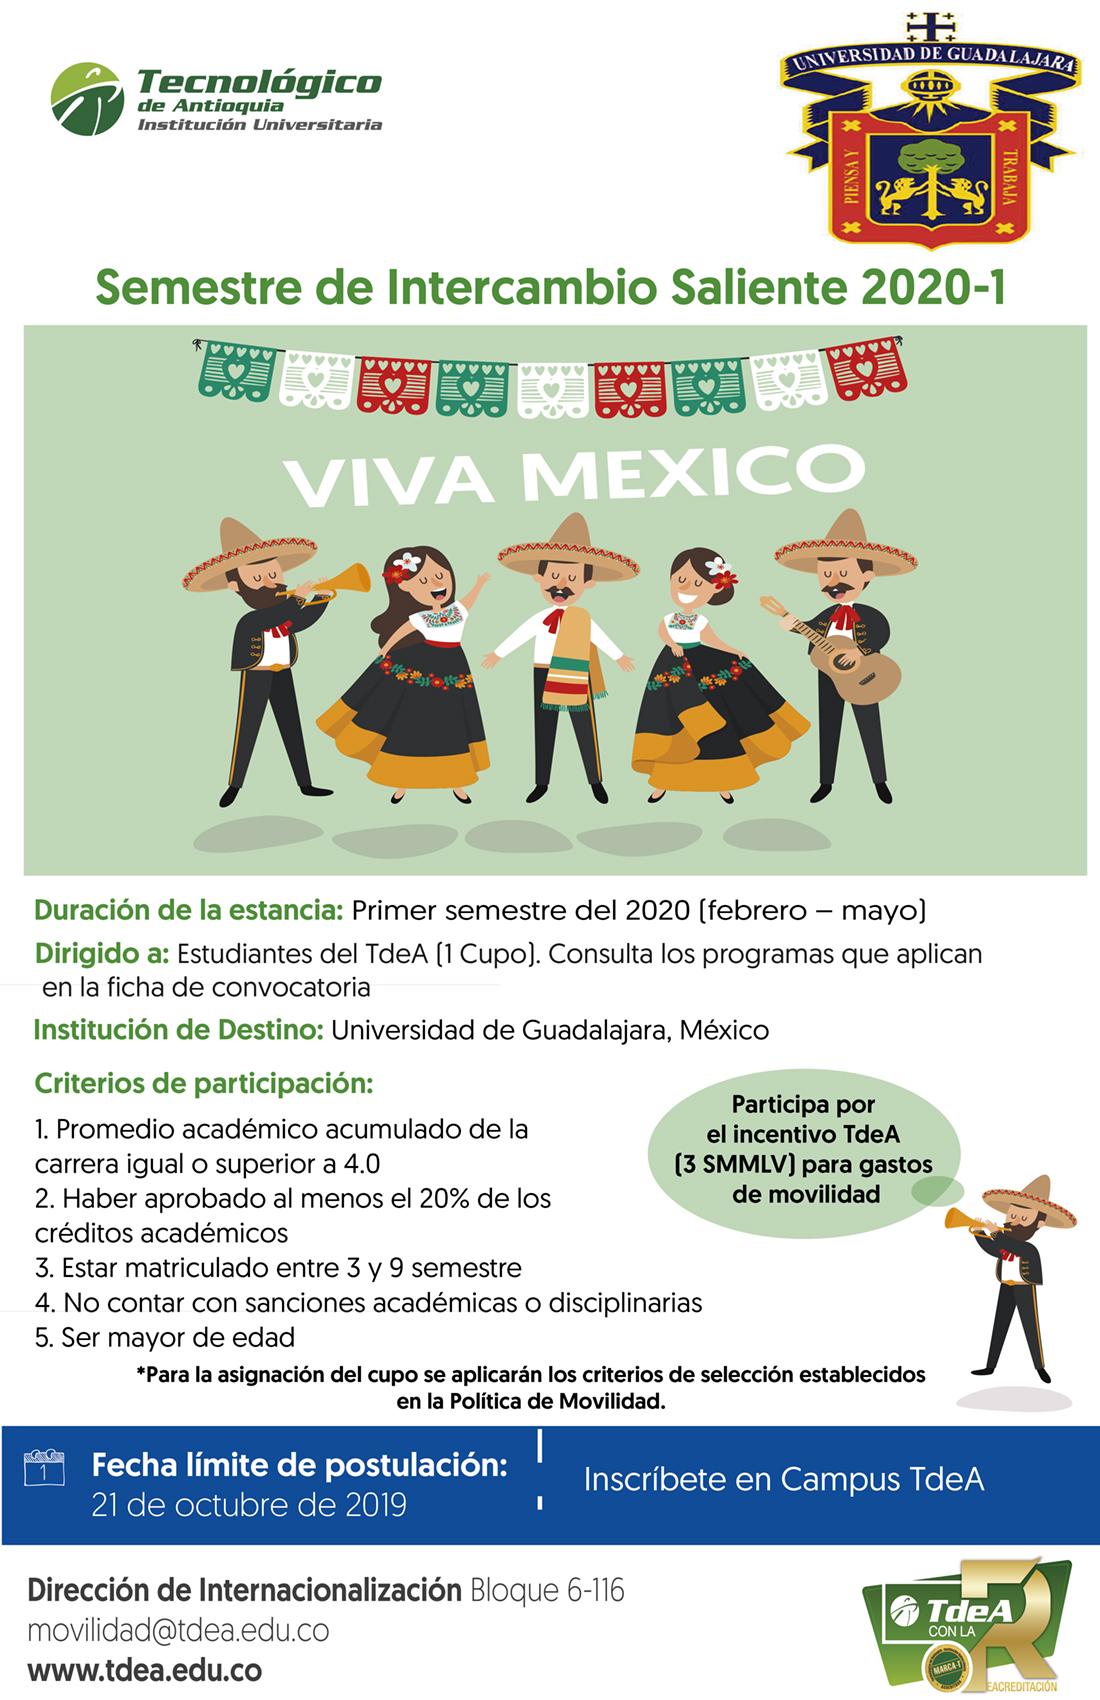 Semestre de Intercambio Saliente 2020-1 México